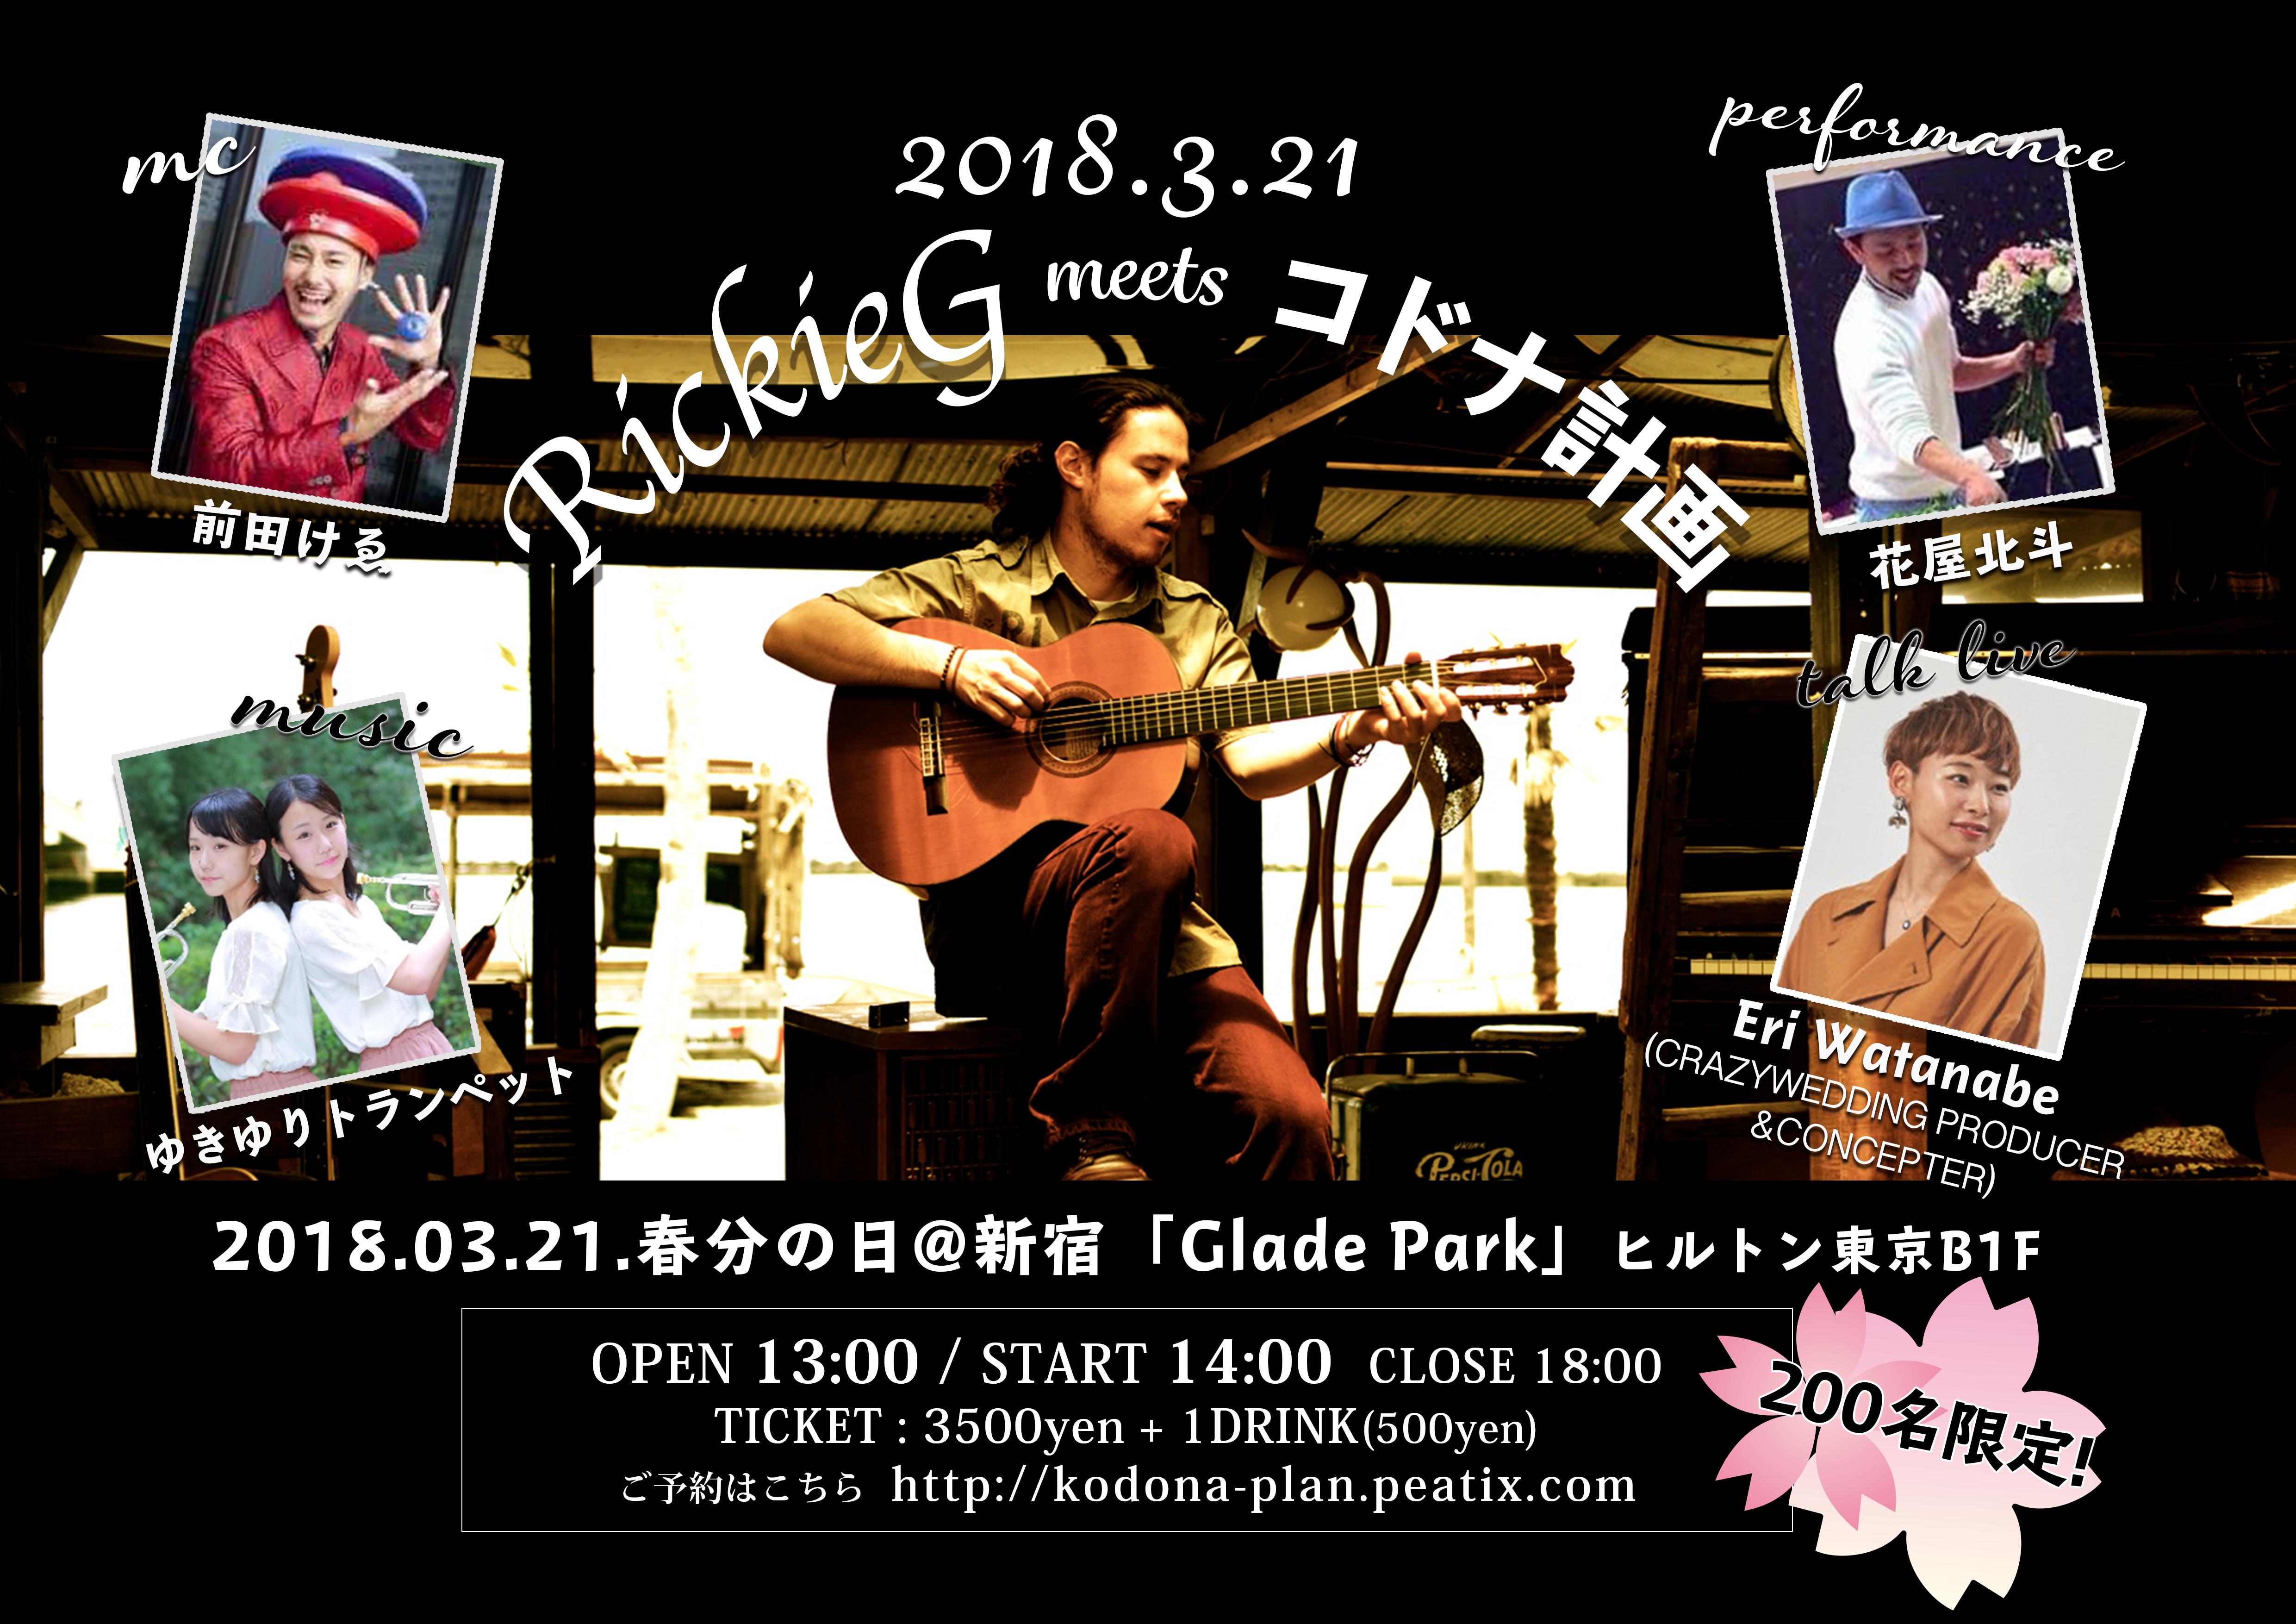 【ポスター】音楽イベント